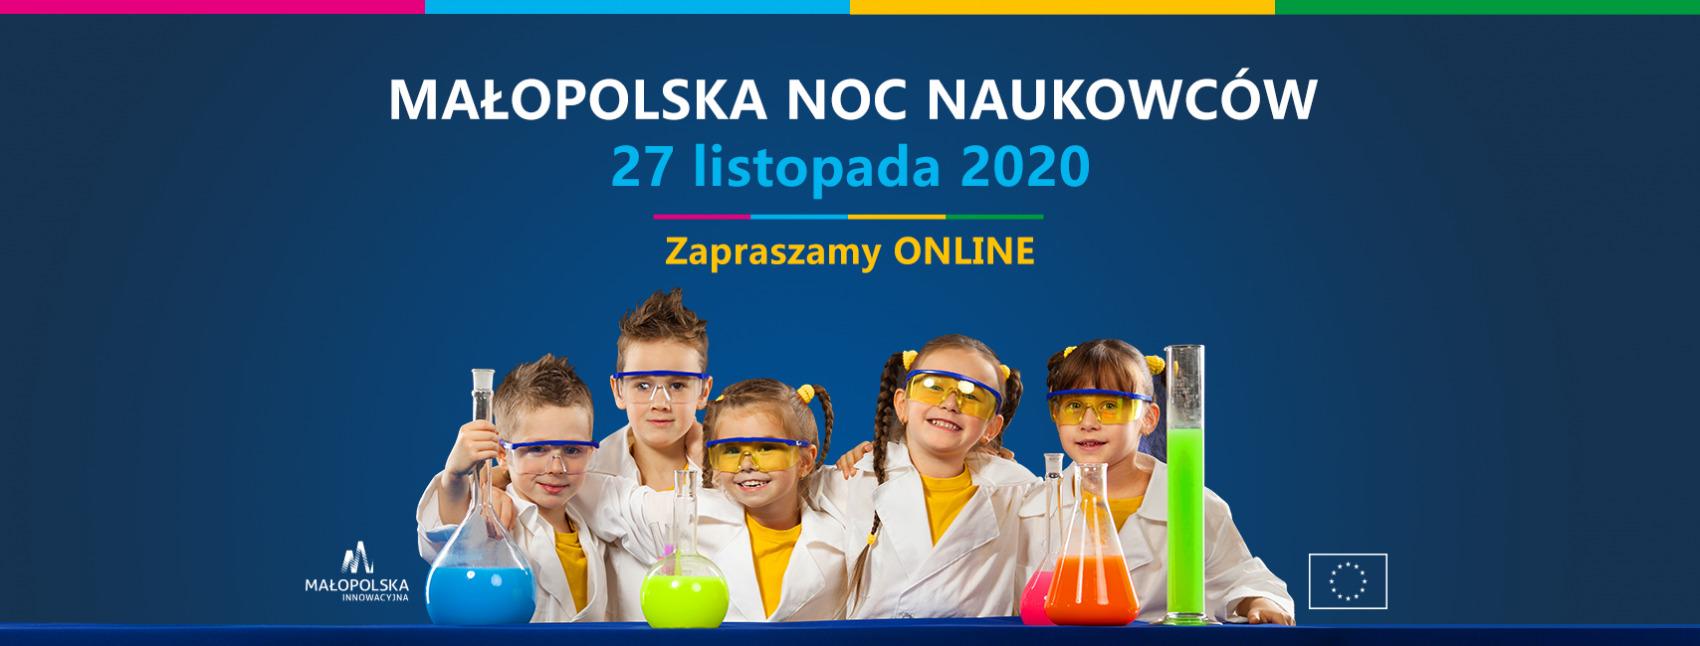 plakat - małopolska noc naukowców. 27 listopada 2020 - zapraszamy online. Dzieci z probówkami chemicznymi przebrae za naukowców.